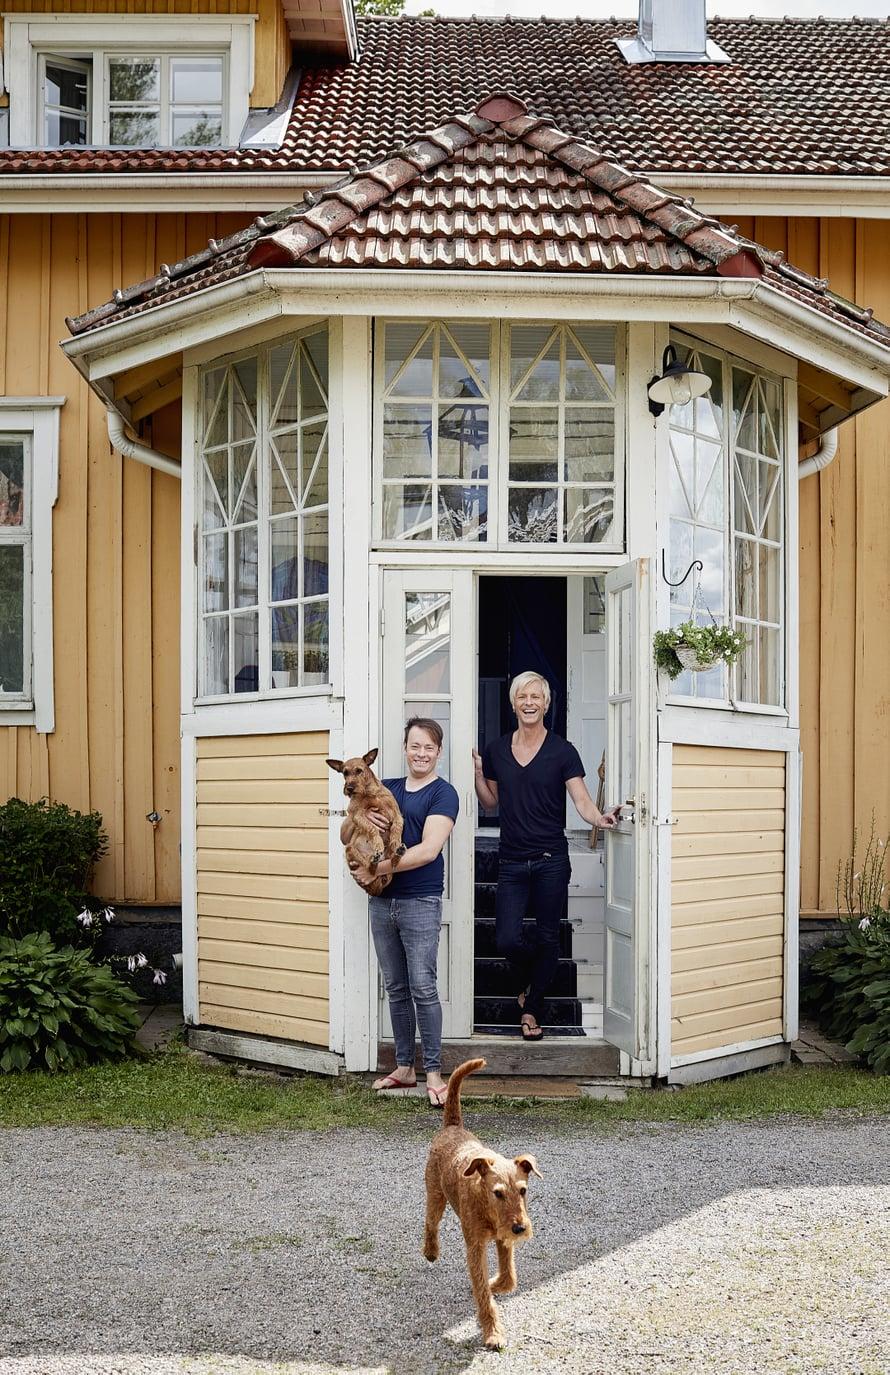 Mikonheikin talon on ollut Pekka Rantion ja Pete Vuorion kakkoskoti viitisen vuotta.